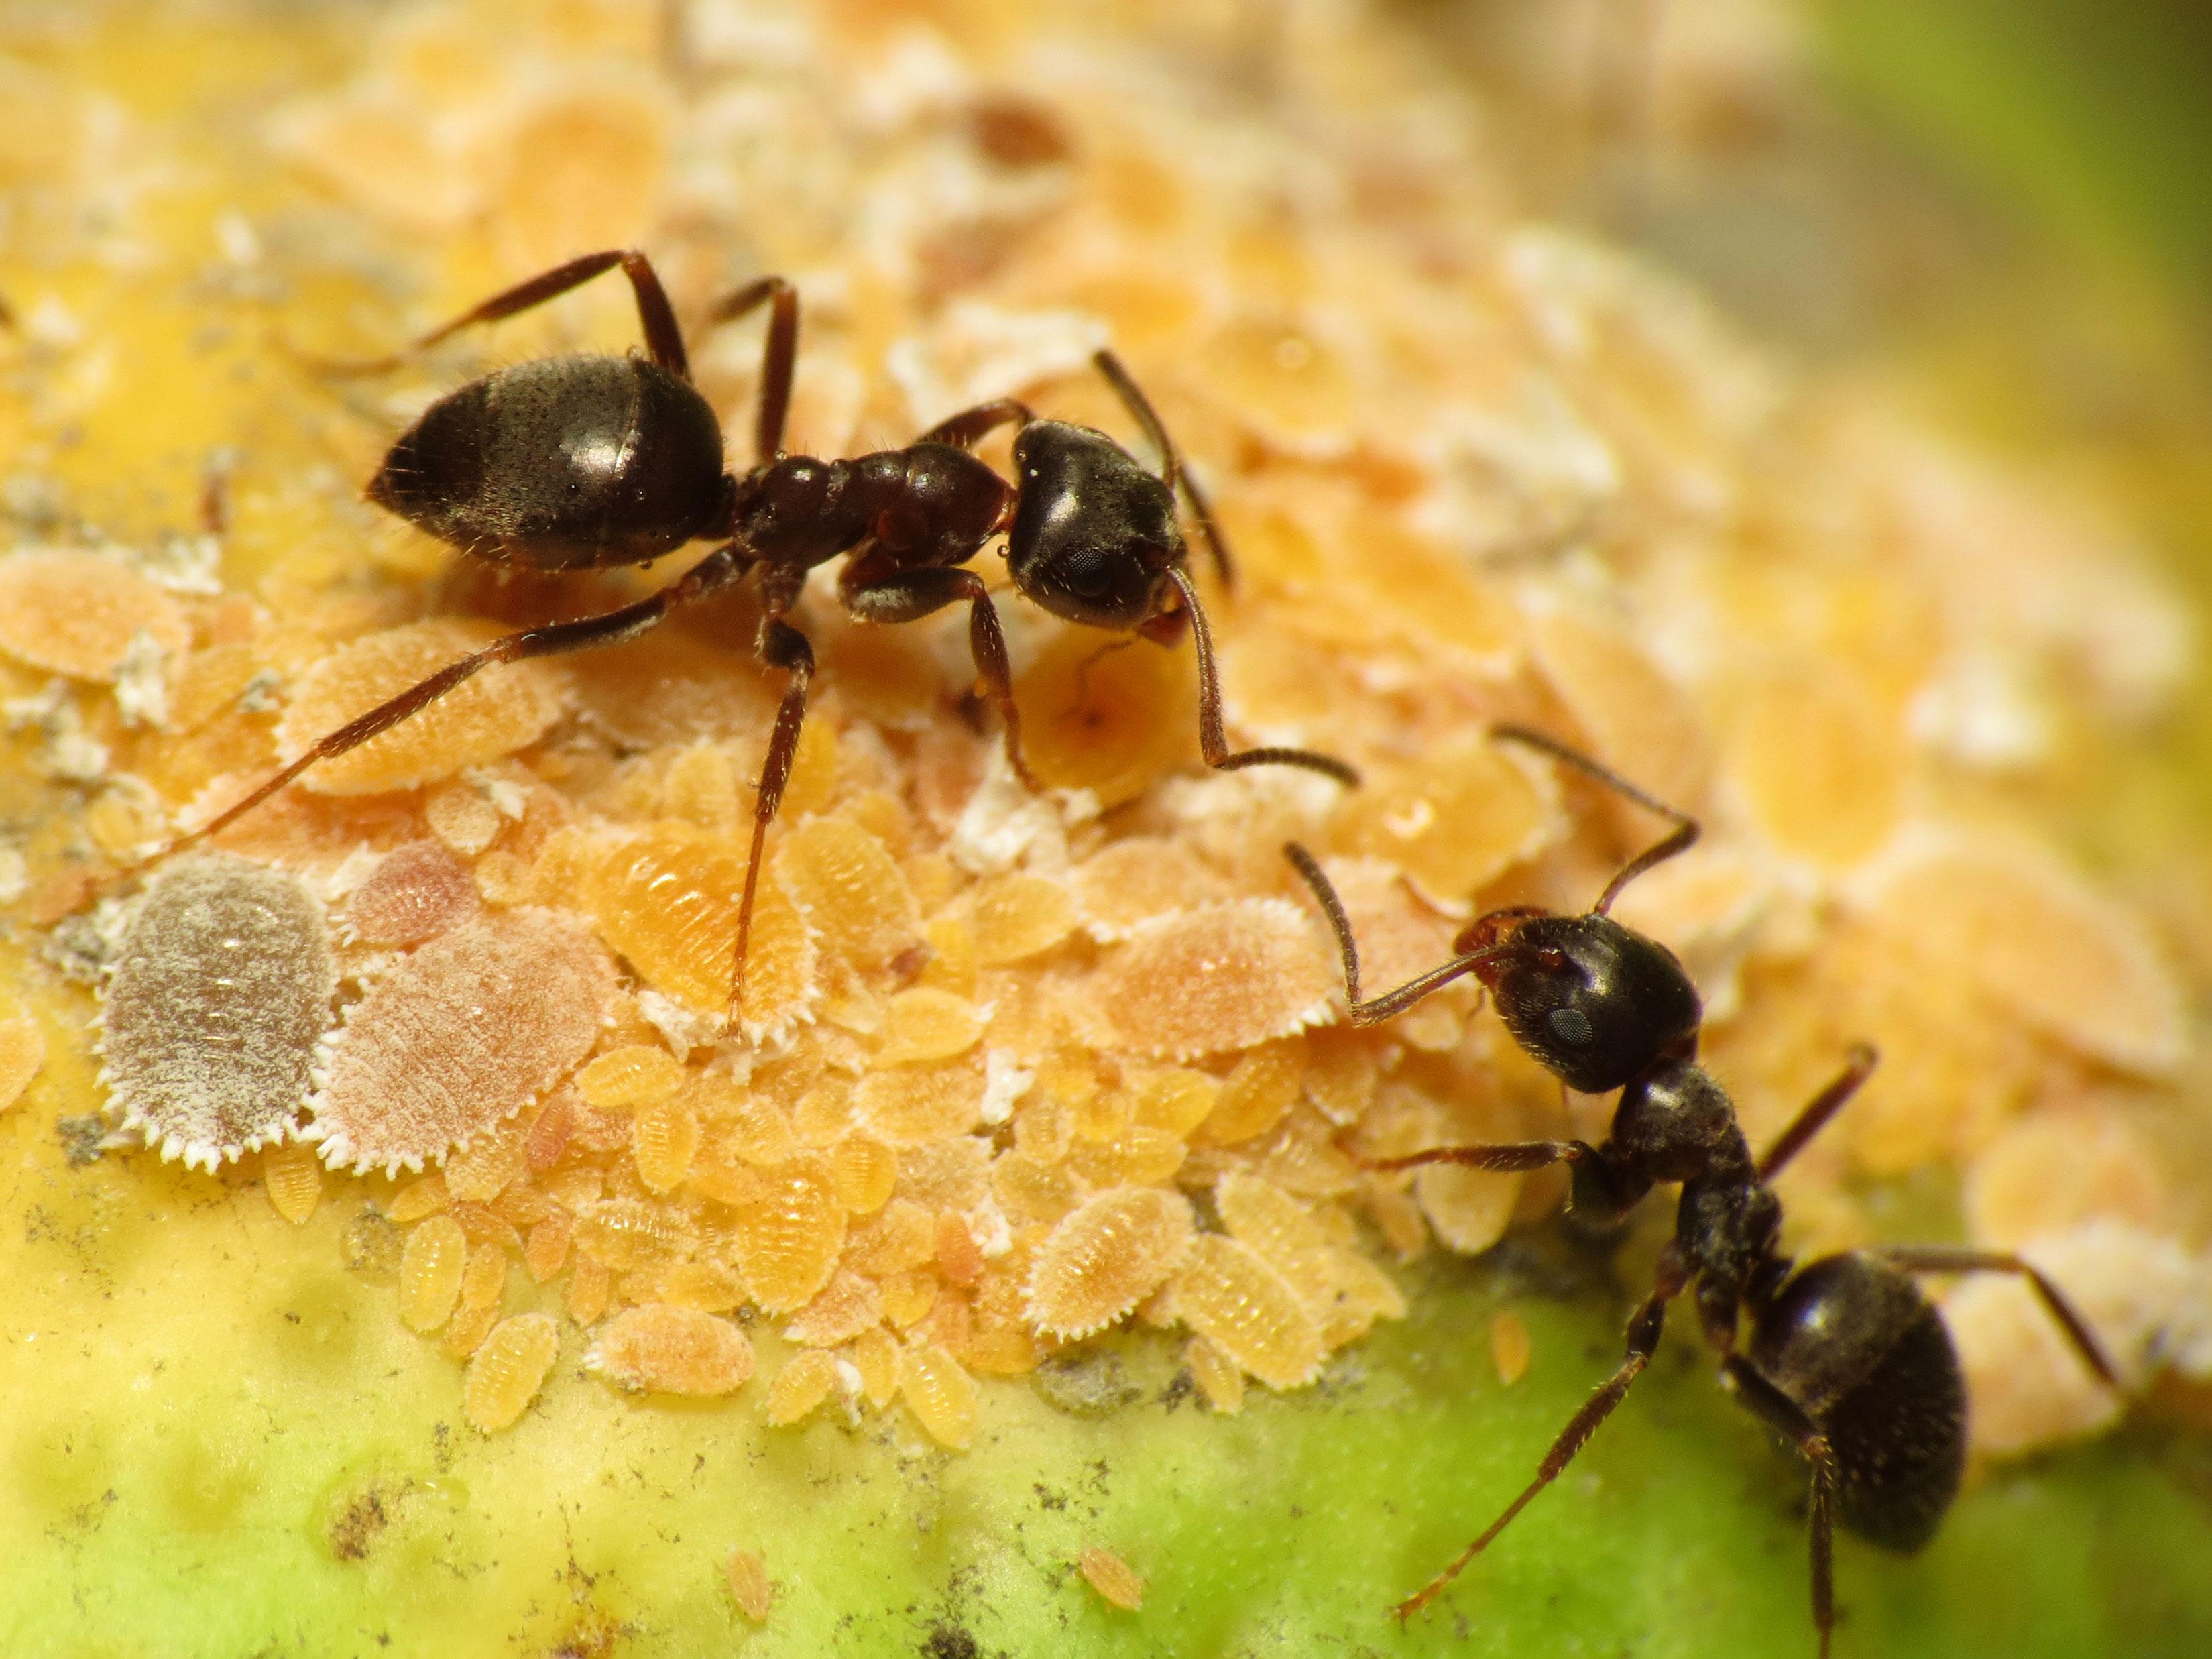 File:Black Garden Ant Tending Citrus Mealybug (15878146429)